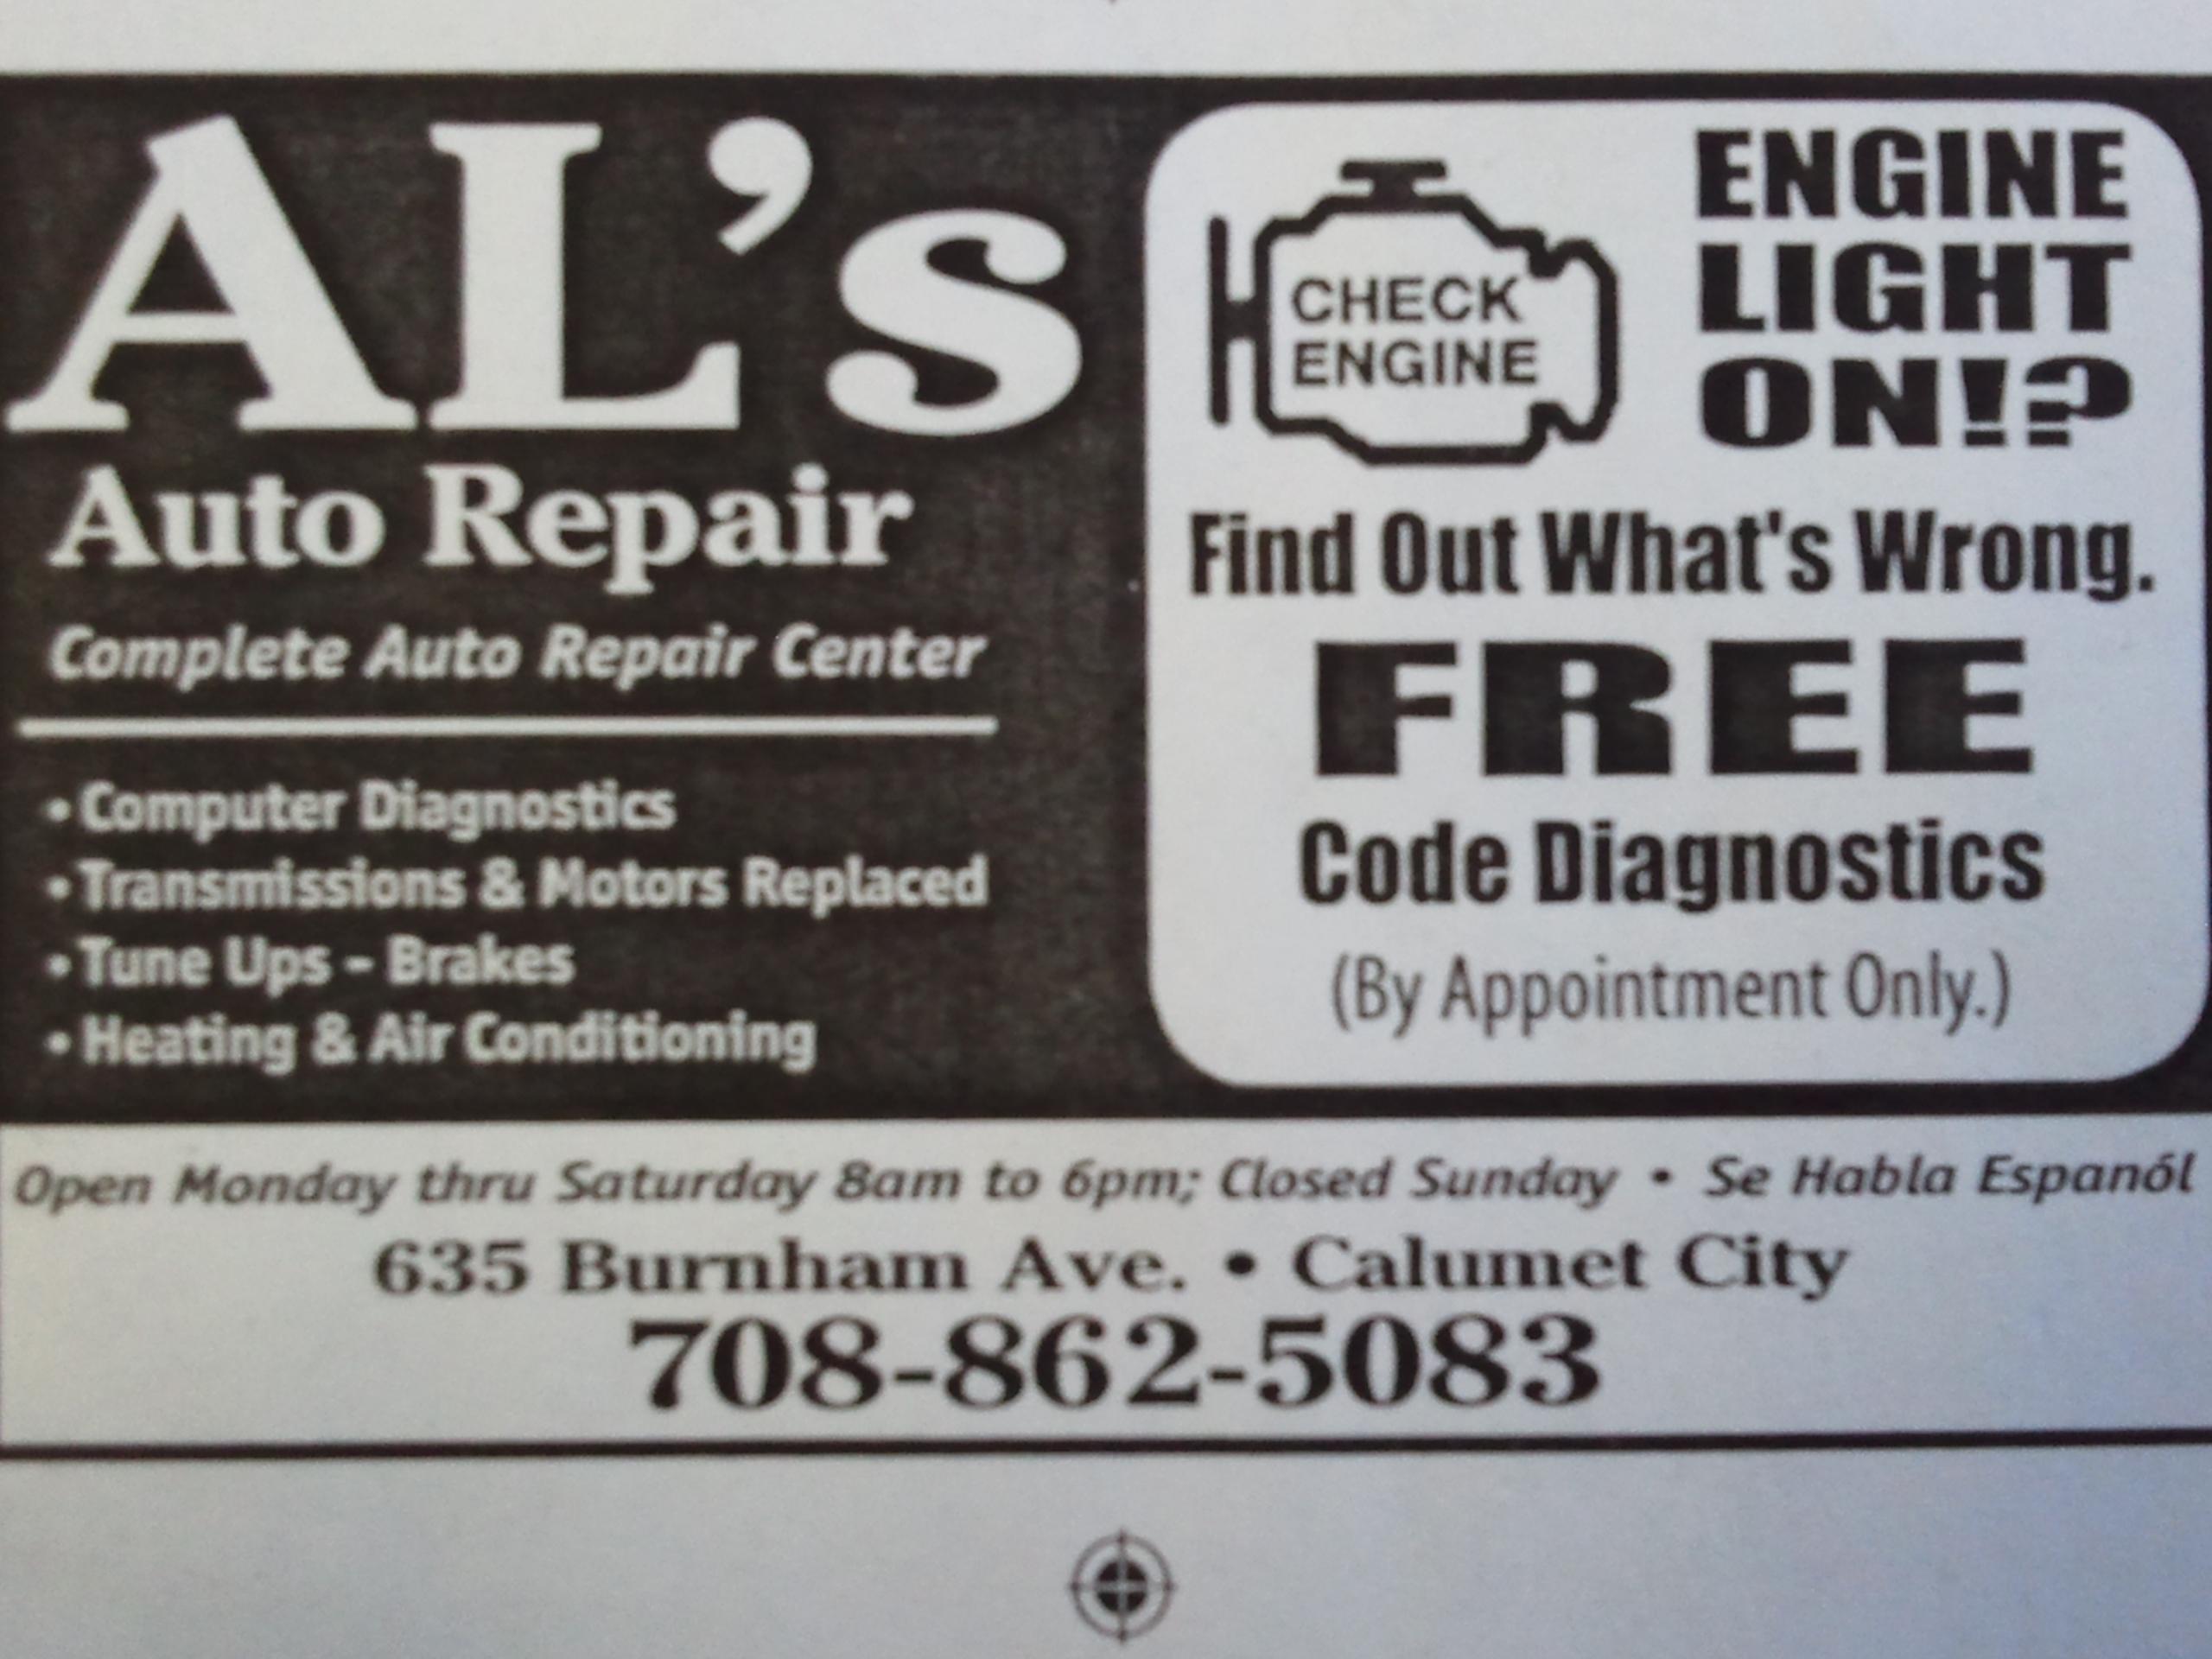 al's auto repair image 1